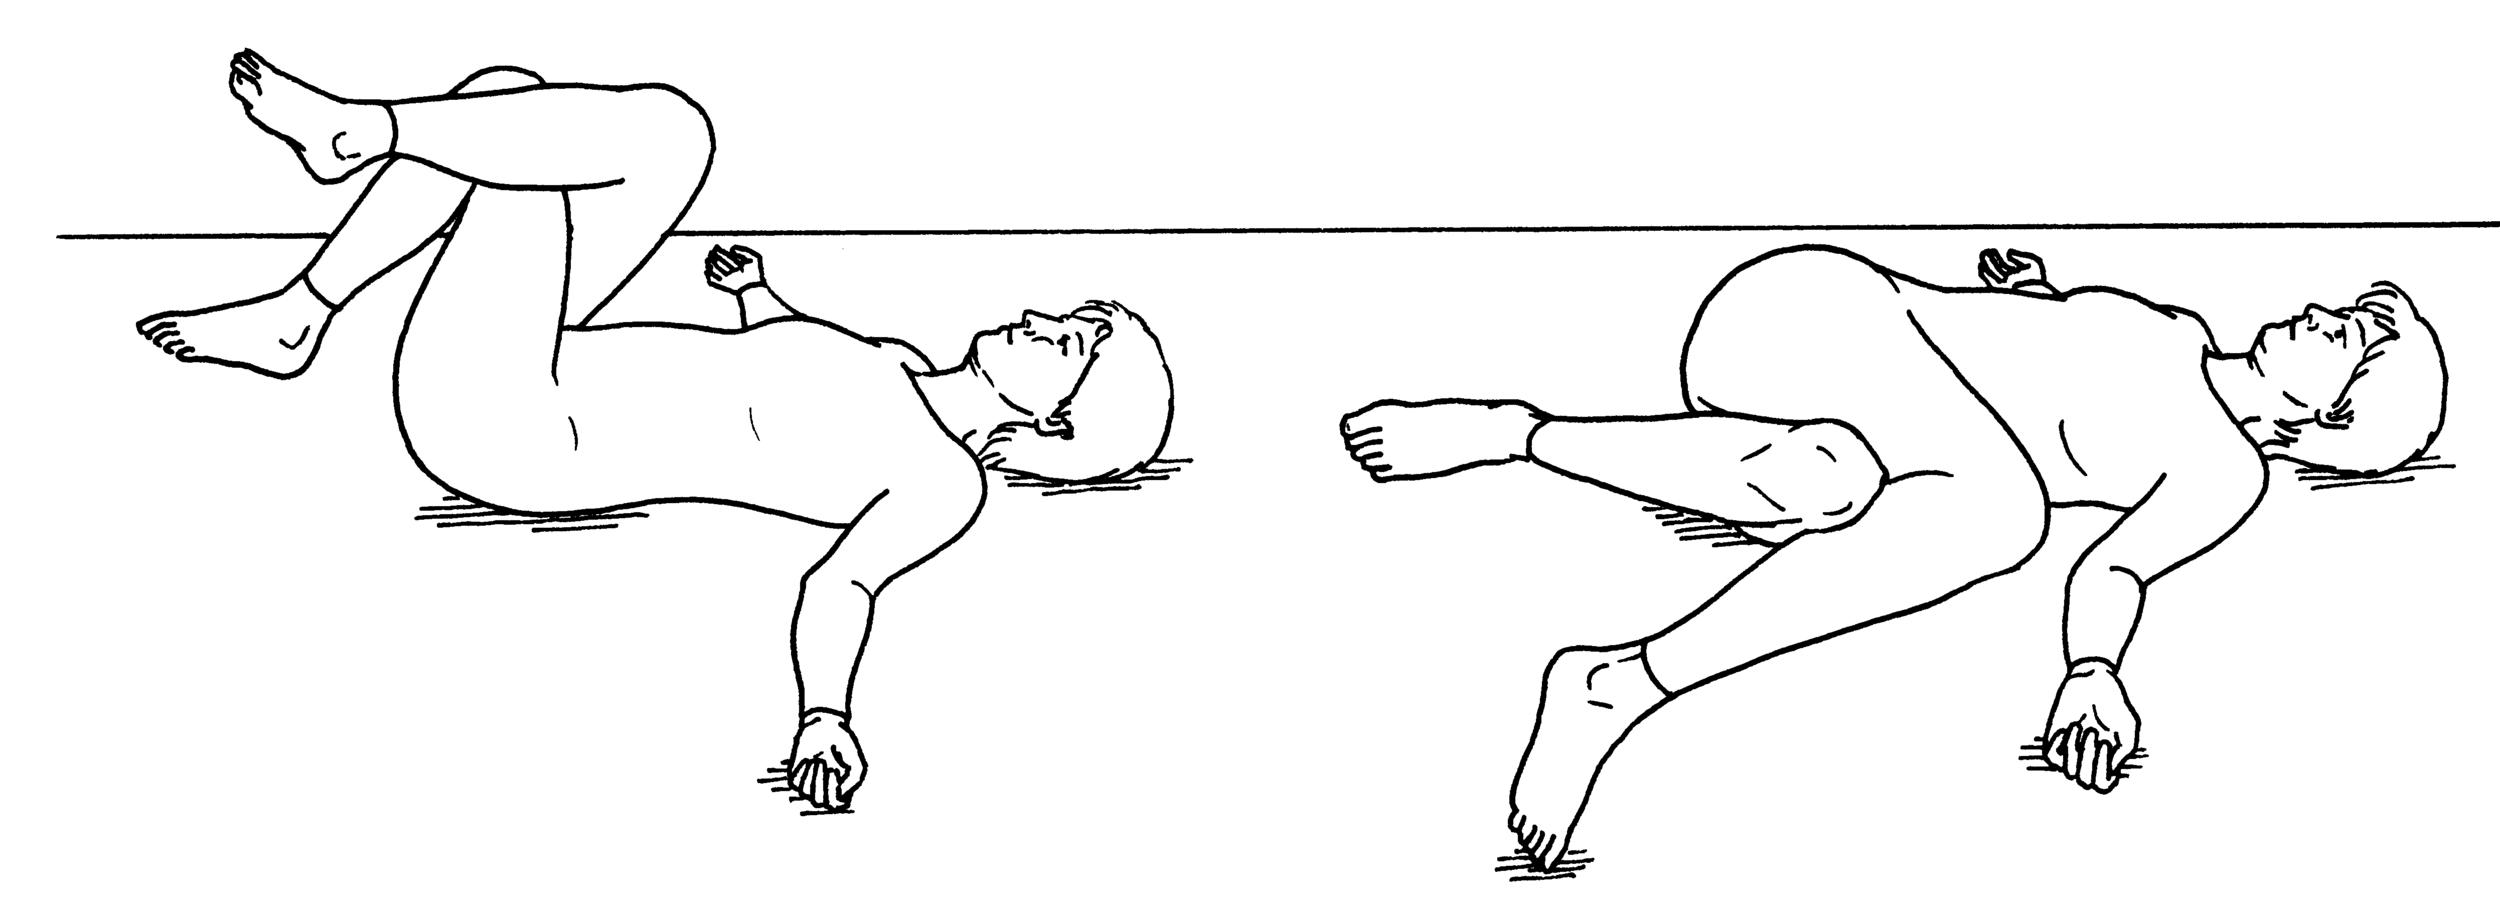 13. A cross leg lift.jpg